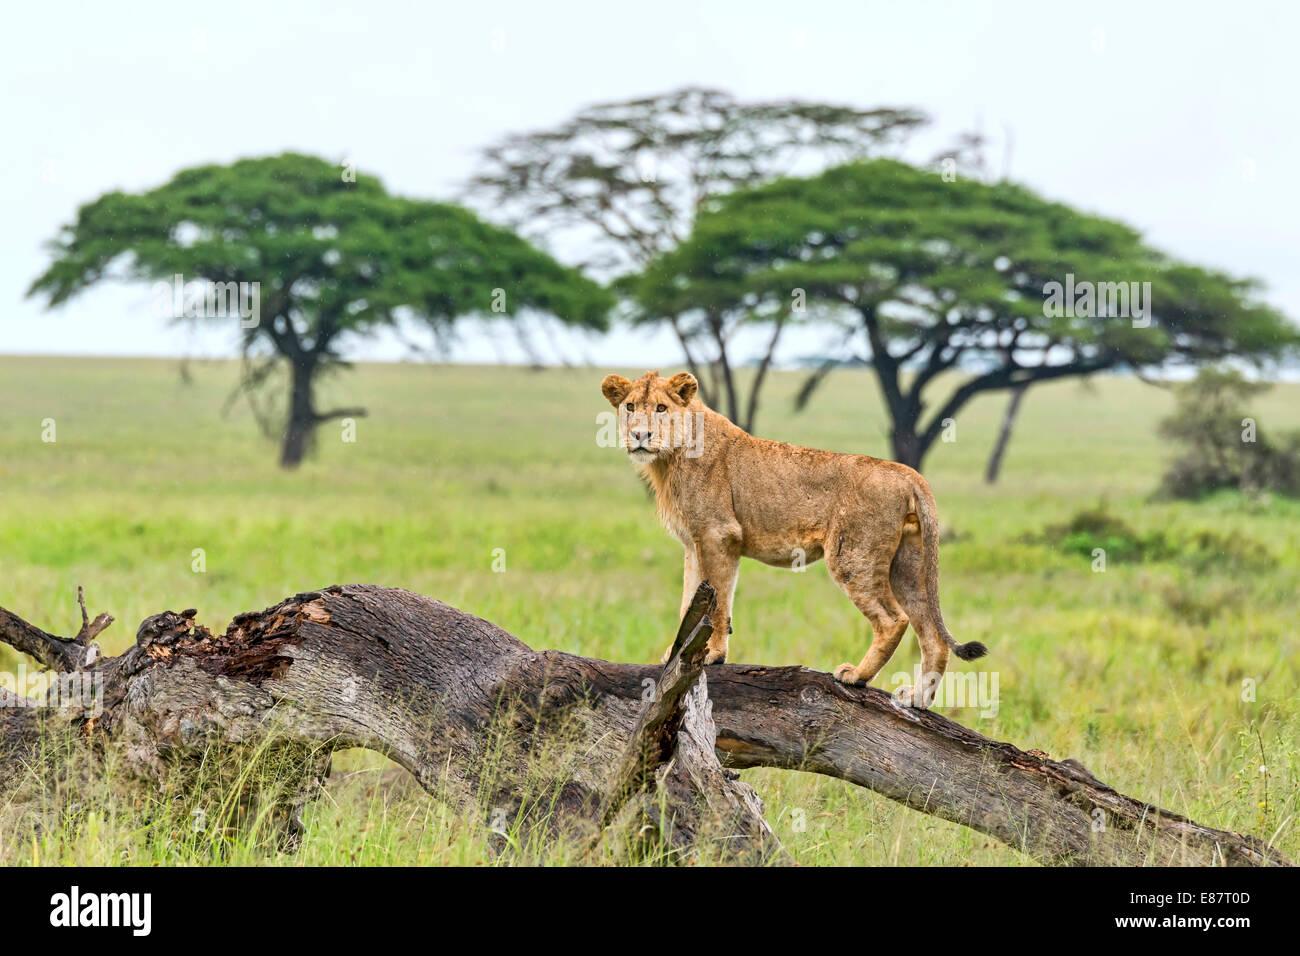 Lion (Panthera leo) on rotten tree, Serengeti, Tanzania - Stock Image